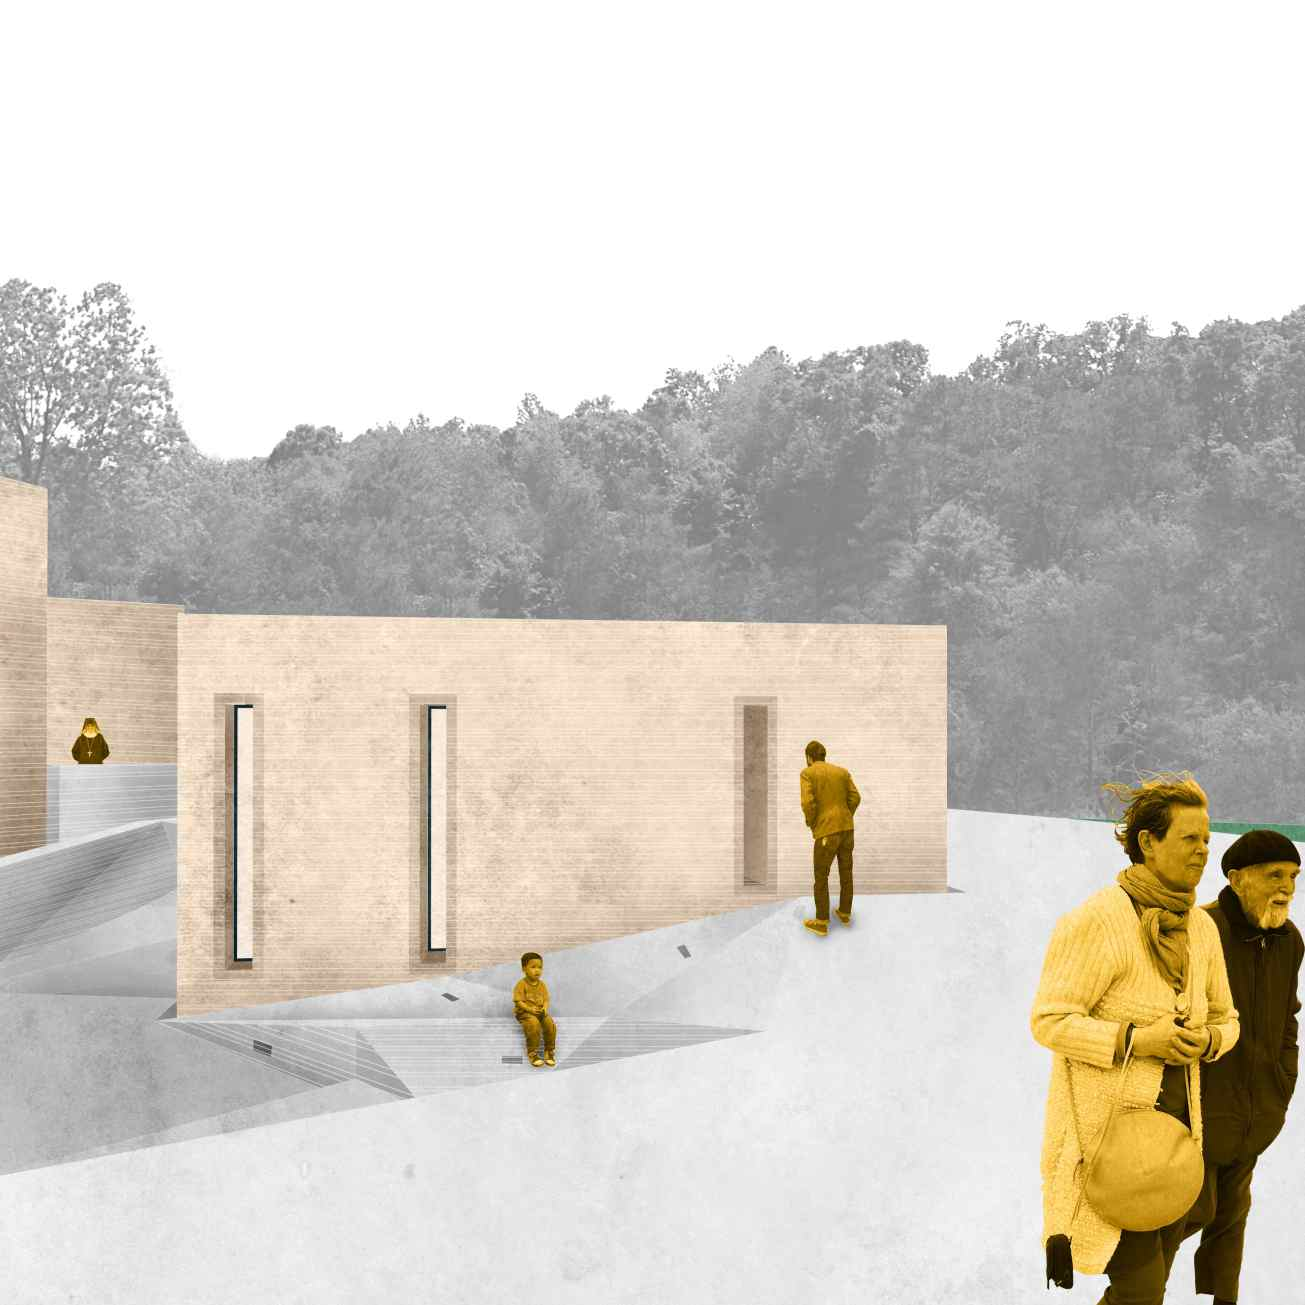 Material transitions, Evgenia Vlachaki, TUDelft MSc Architecture, Architecture and Public Building